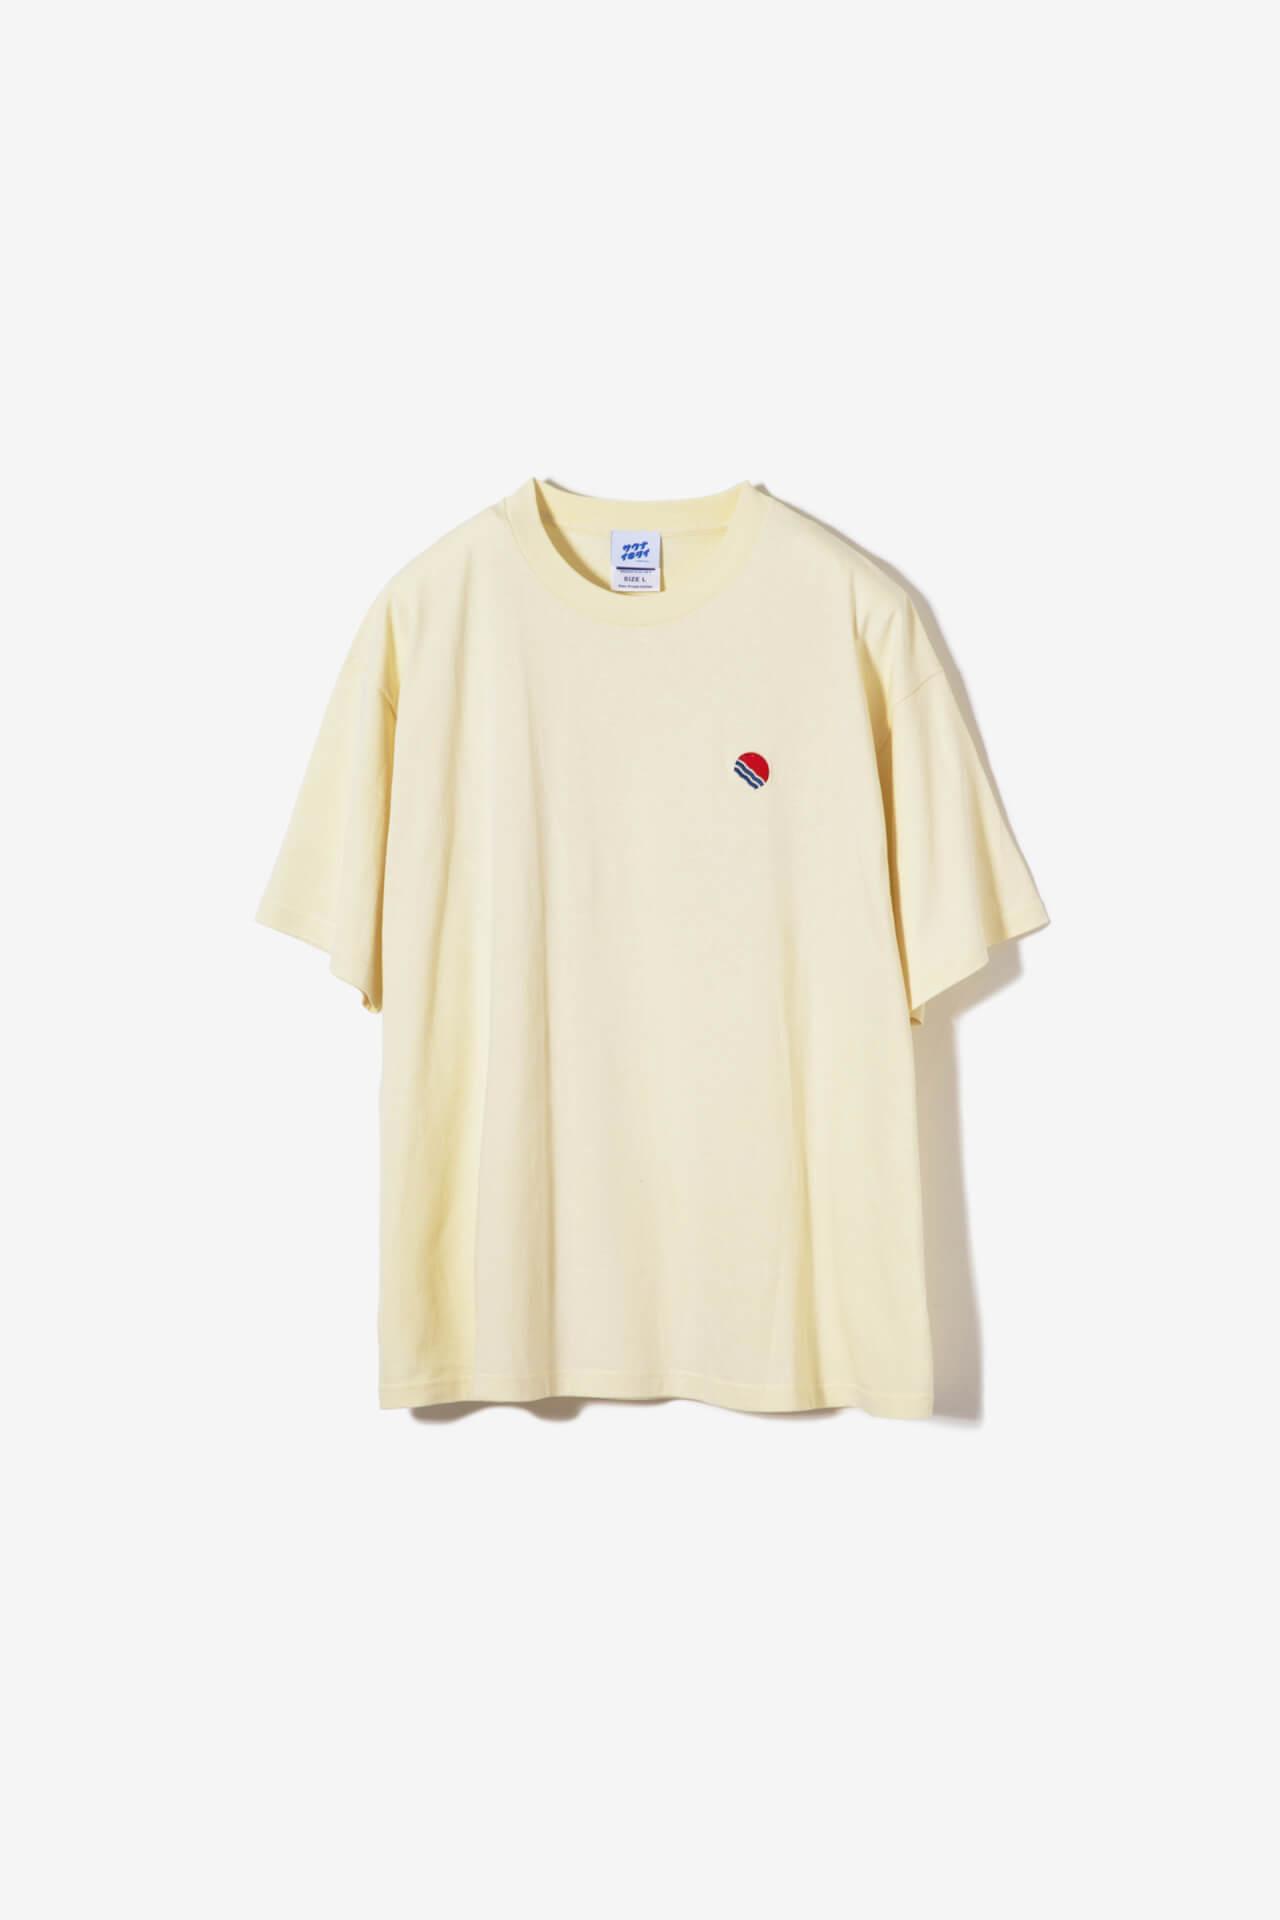 サウナイキタイのサウナグッズ2021年夏バージョンが発売!ペリカンシャツ、サコッシュなど5アイテムが登場 life210729_saunaikitai_7